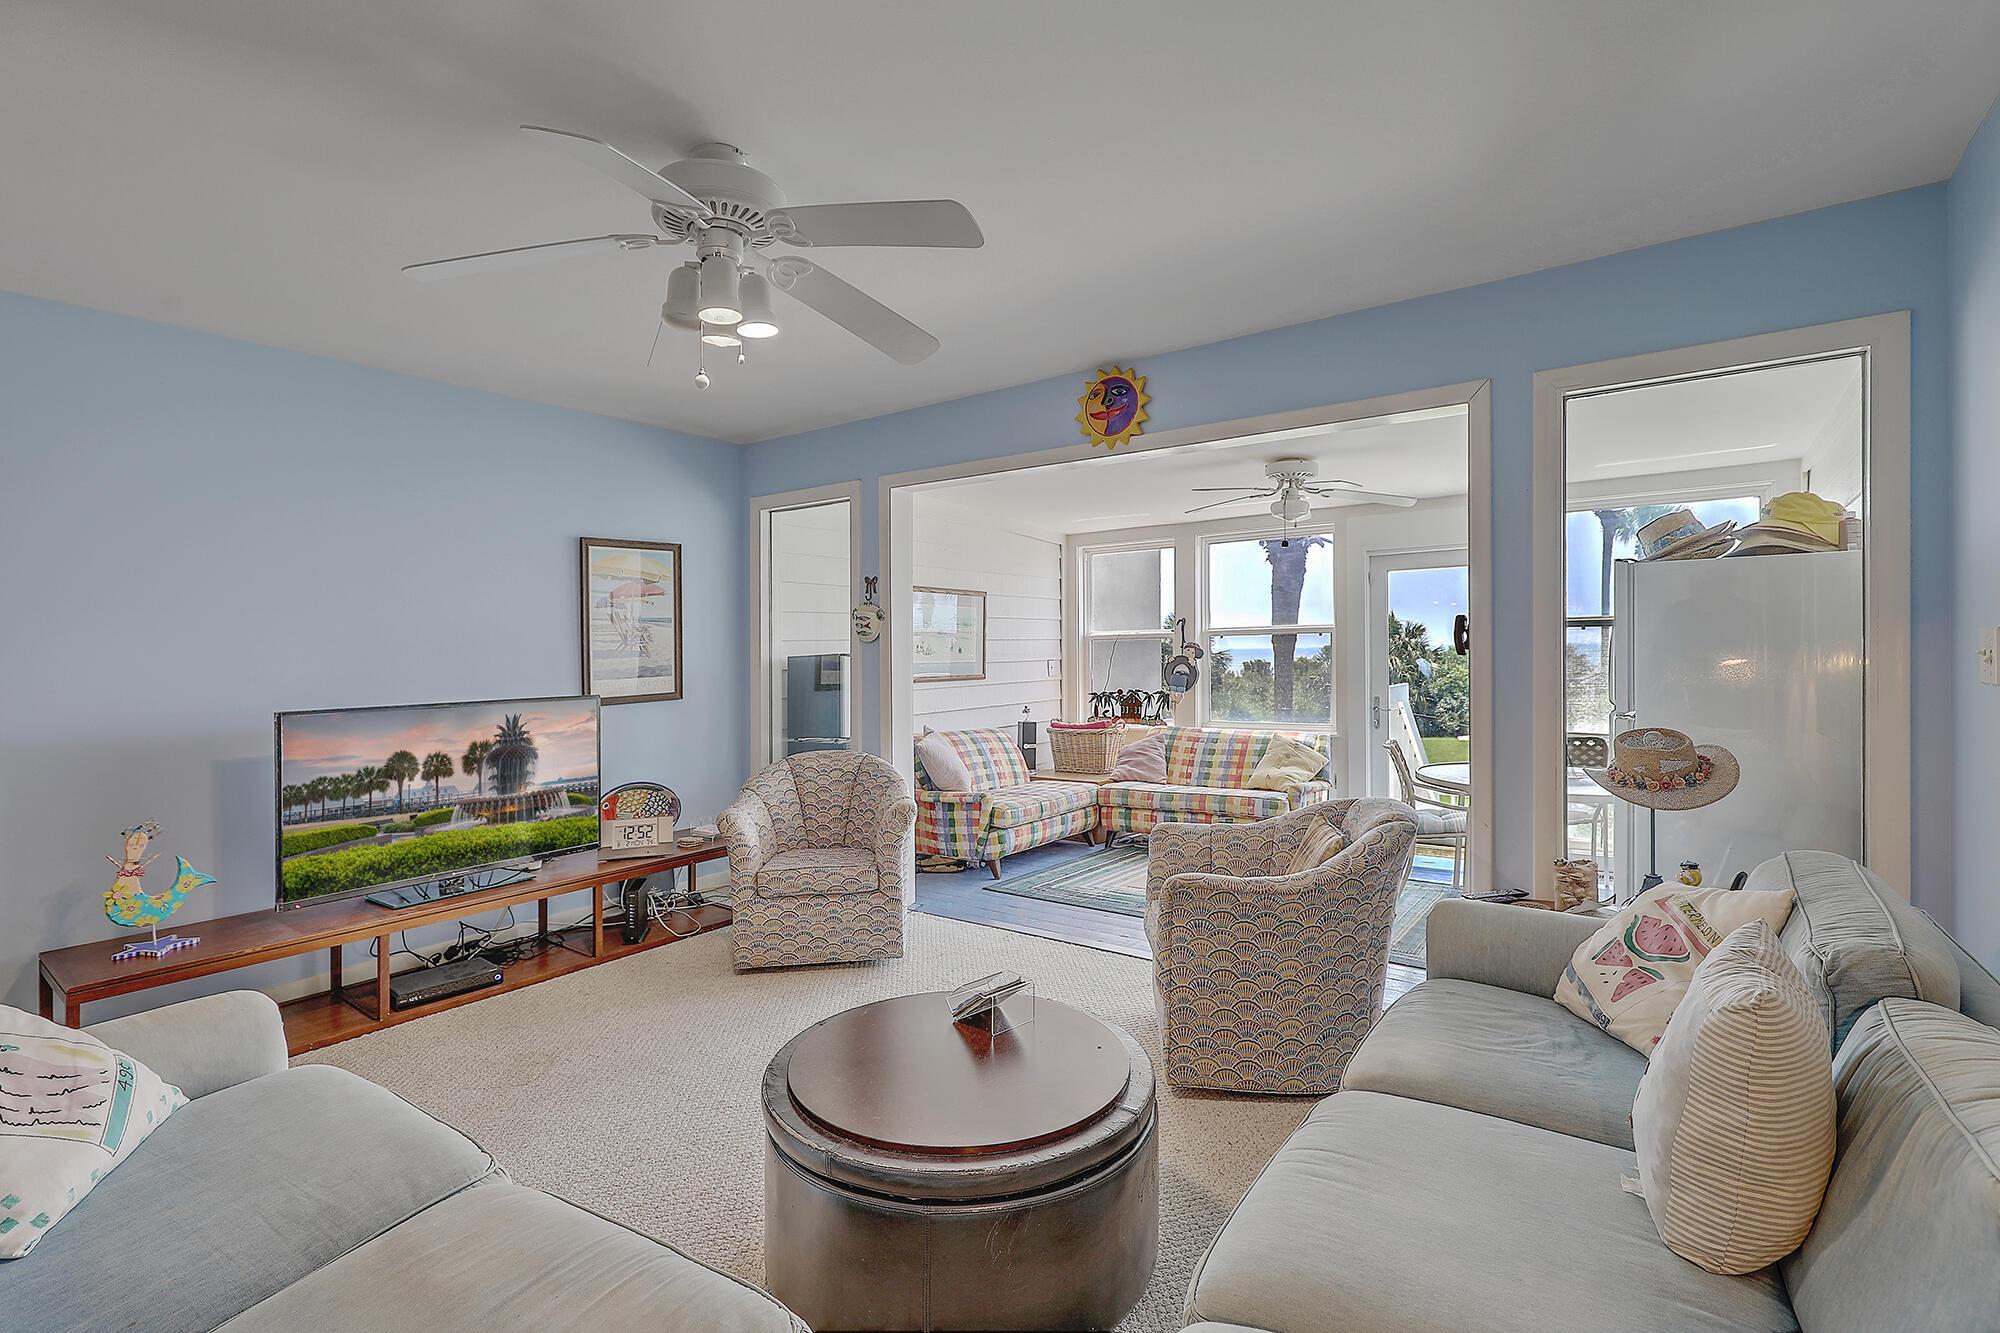 Beach Club Villas Homes For Sale - 15 Beach Club Villas, Isle of Palms, SC - 21